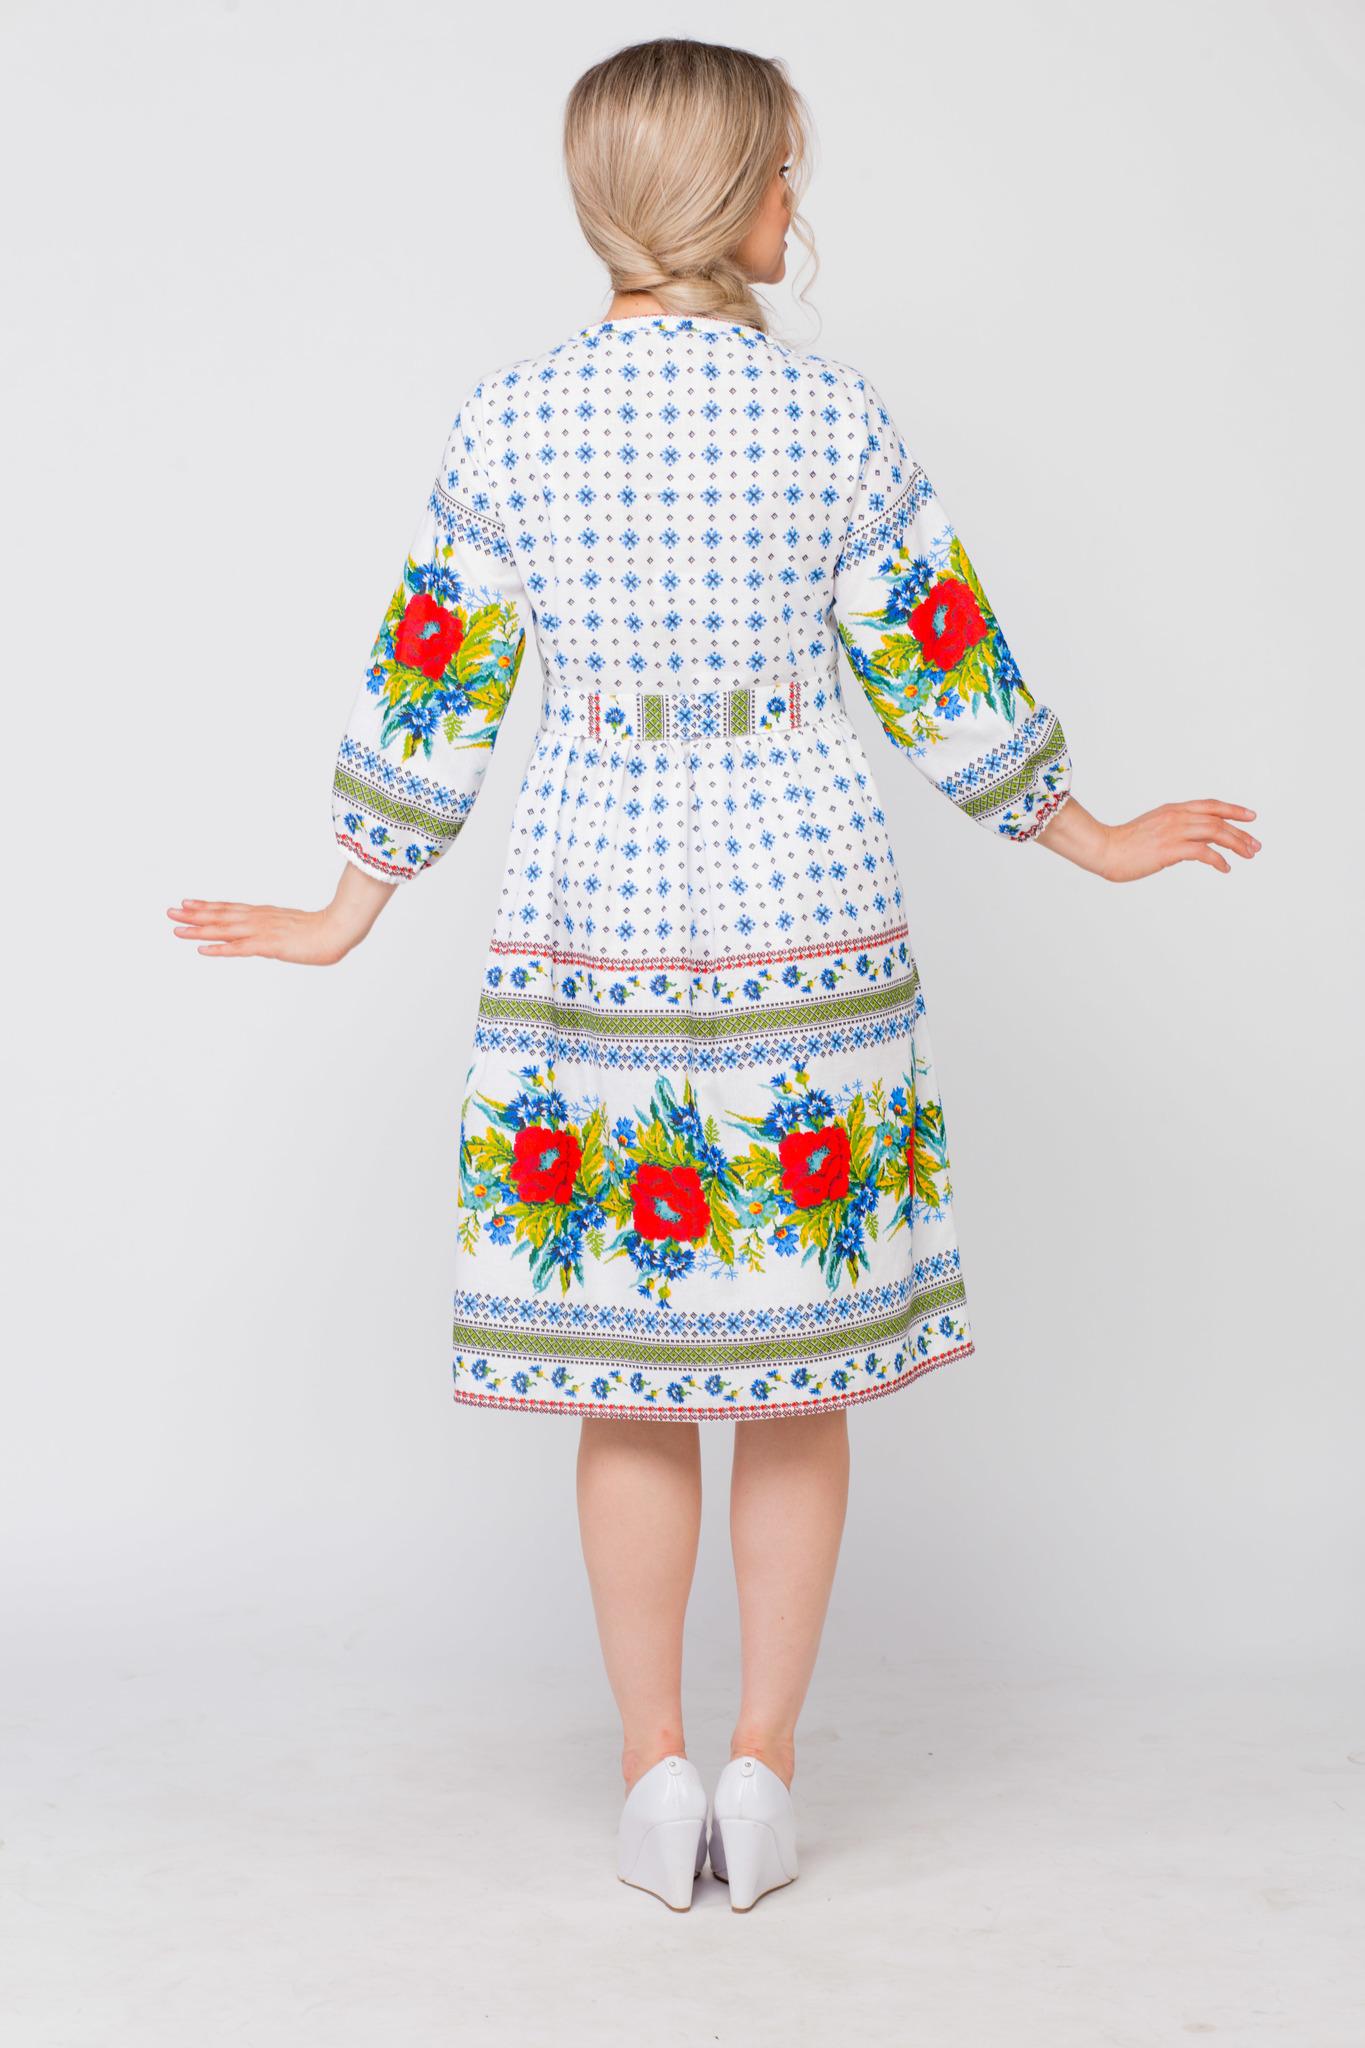 Платье льняное Маки-васильки вид сзади